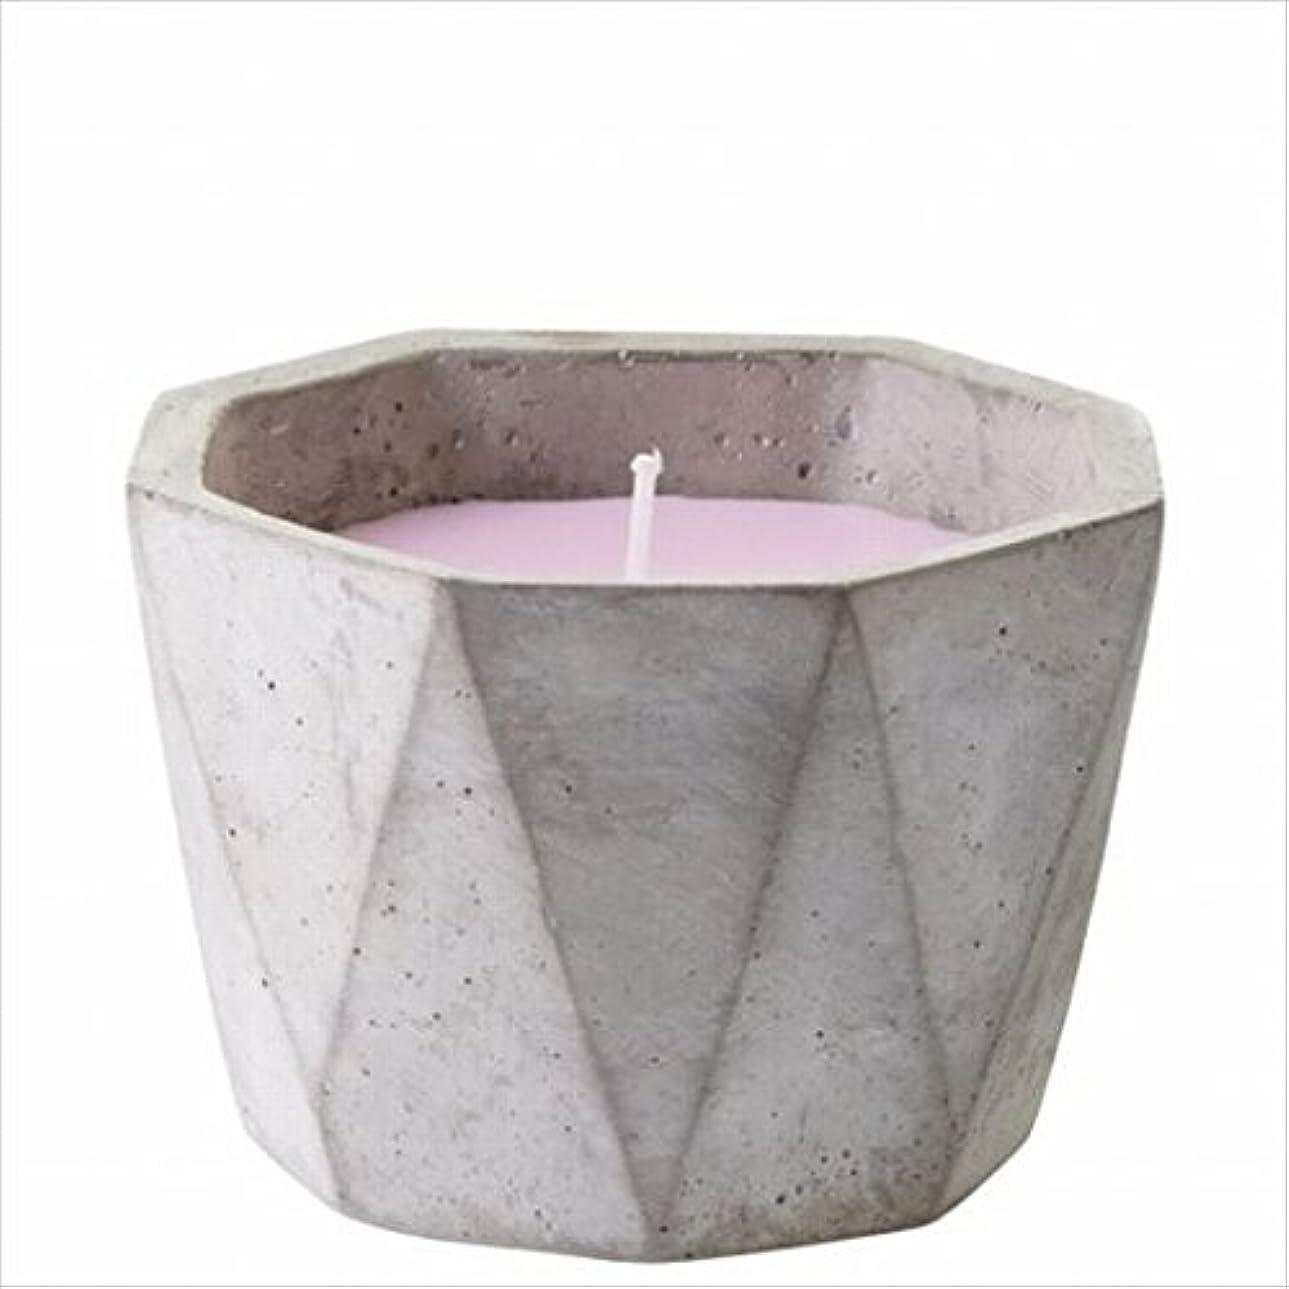 自治的地下室スタッフカメヤマキャンドル(kameyama candle) POiNT A LA LiGNE セメントポットセンティッドキャンドル 「 マグノリアセージ 」